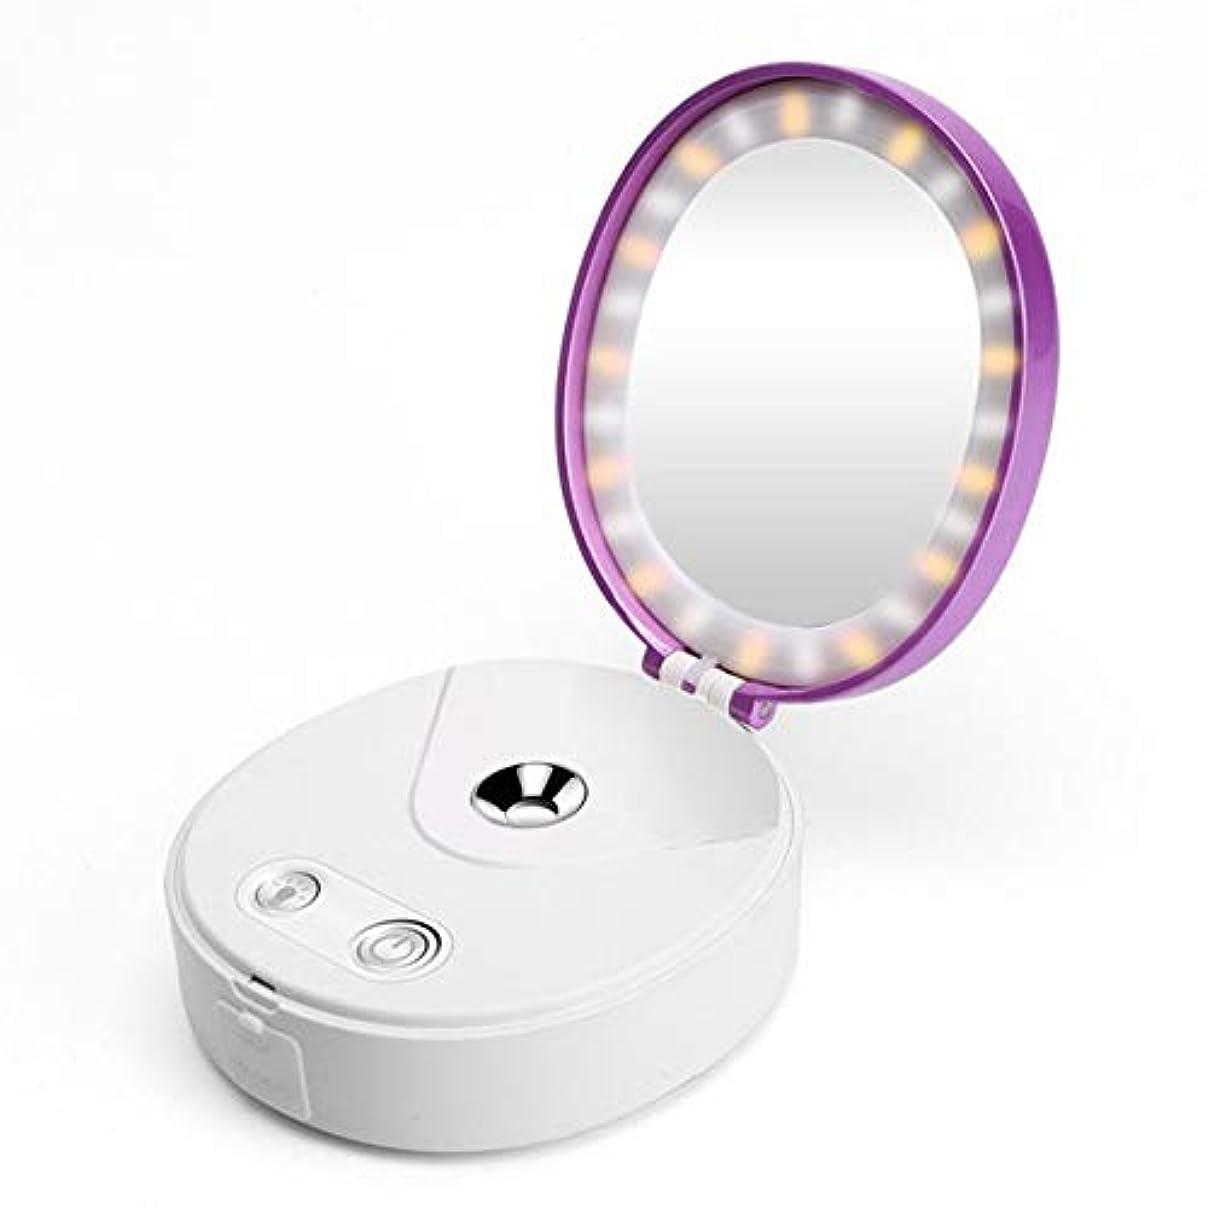 警告シャーロックホームズ同級生化粧鏡ライト力銀行が付いている1つの小型ナノ霧の冷たいスプレーヤーの顔の加湿器に付き4つ